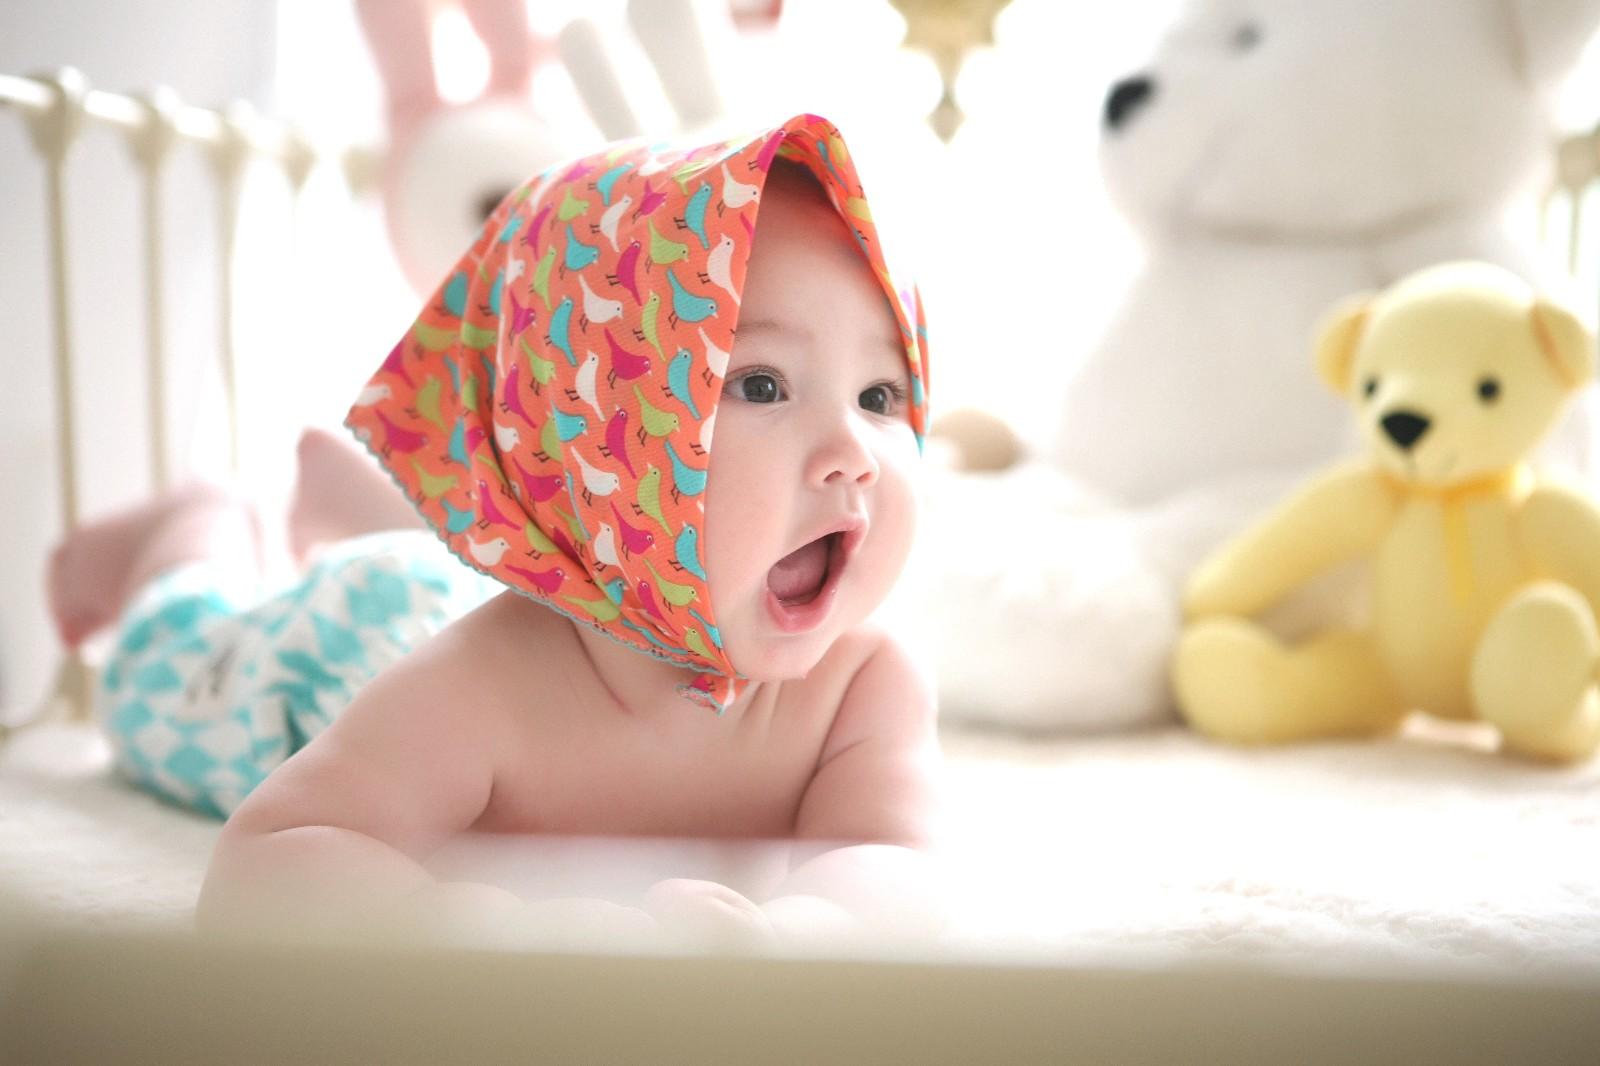 海绵宝宝头像